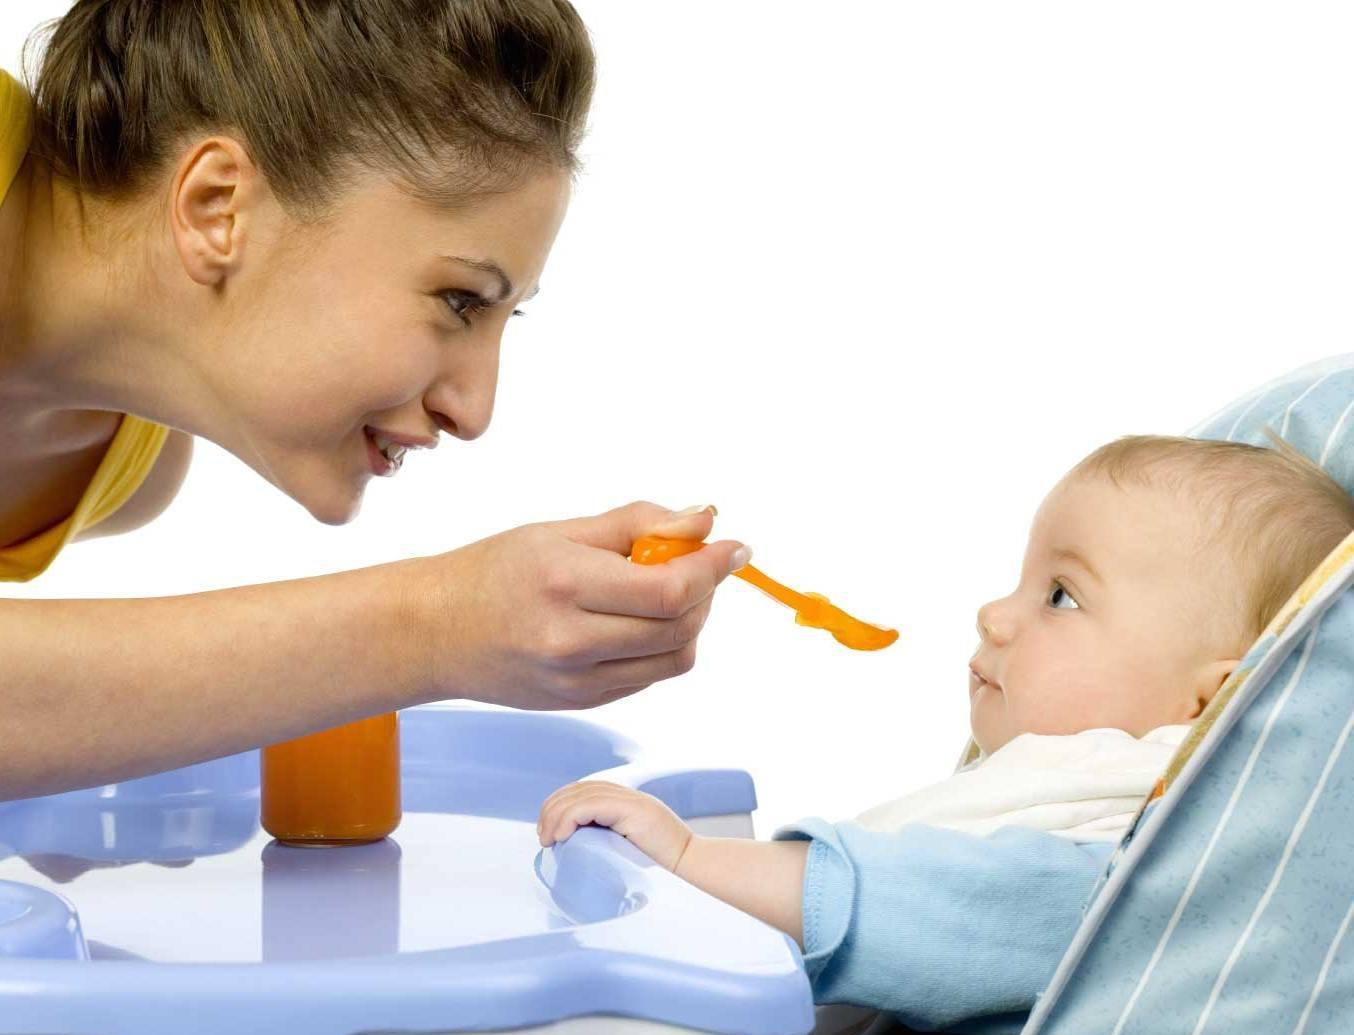 Как дать горькую таблетку грудничку imother.su- все для будущей мамы